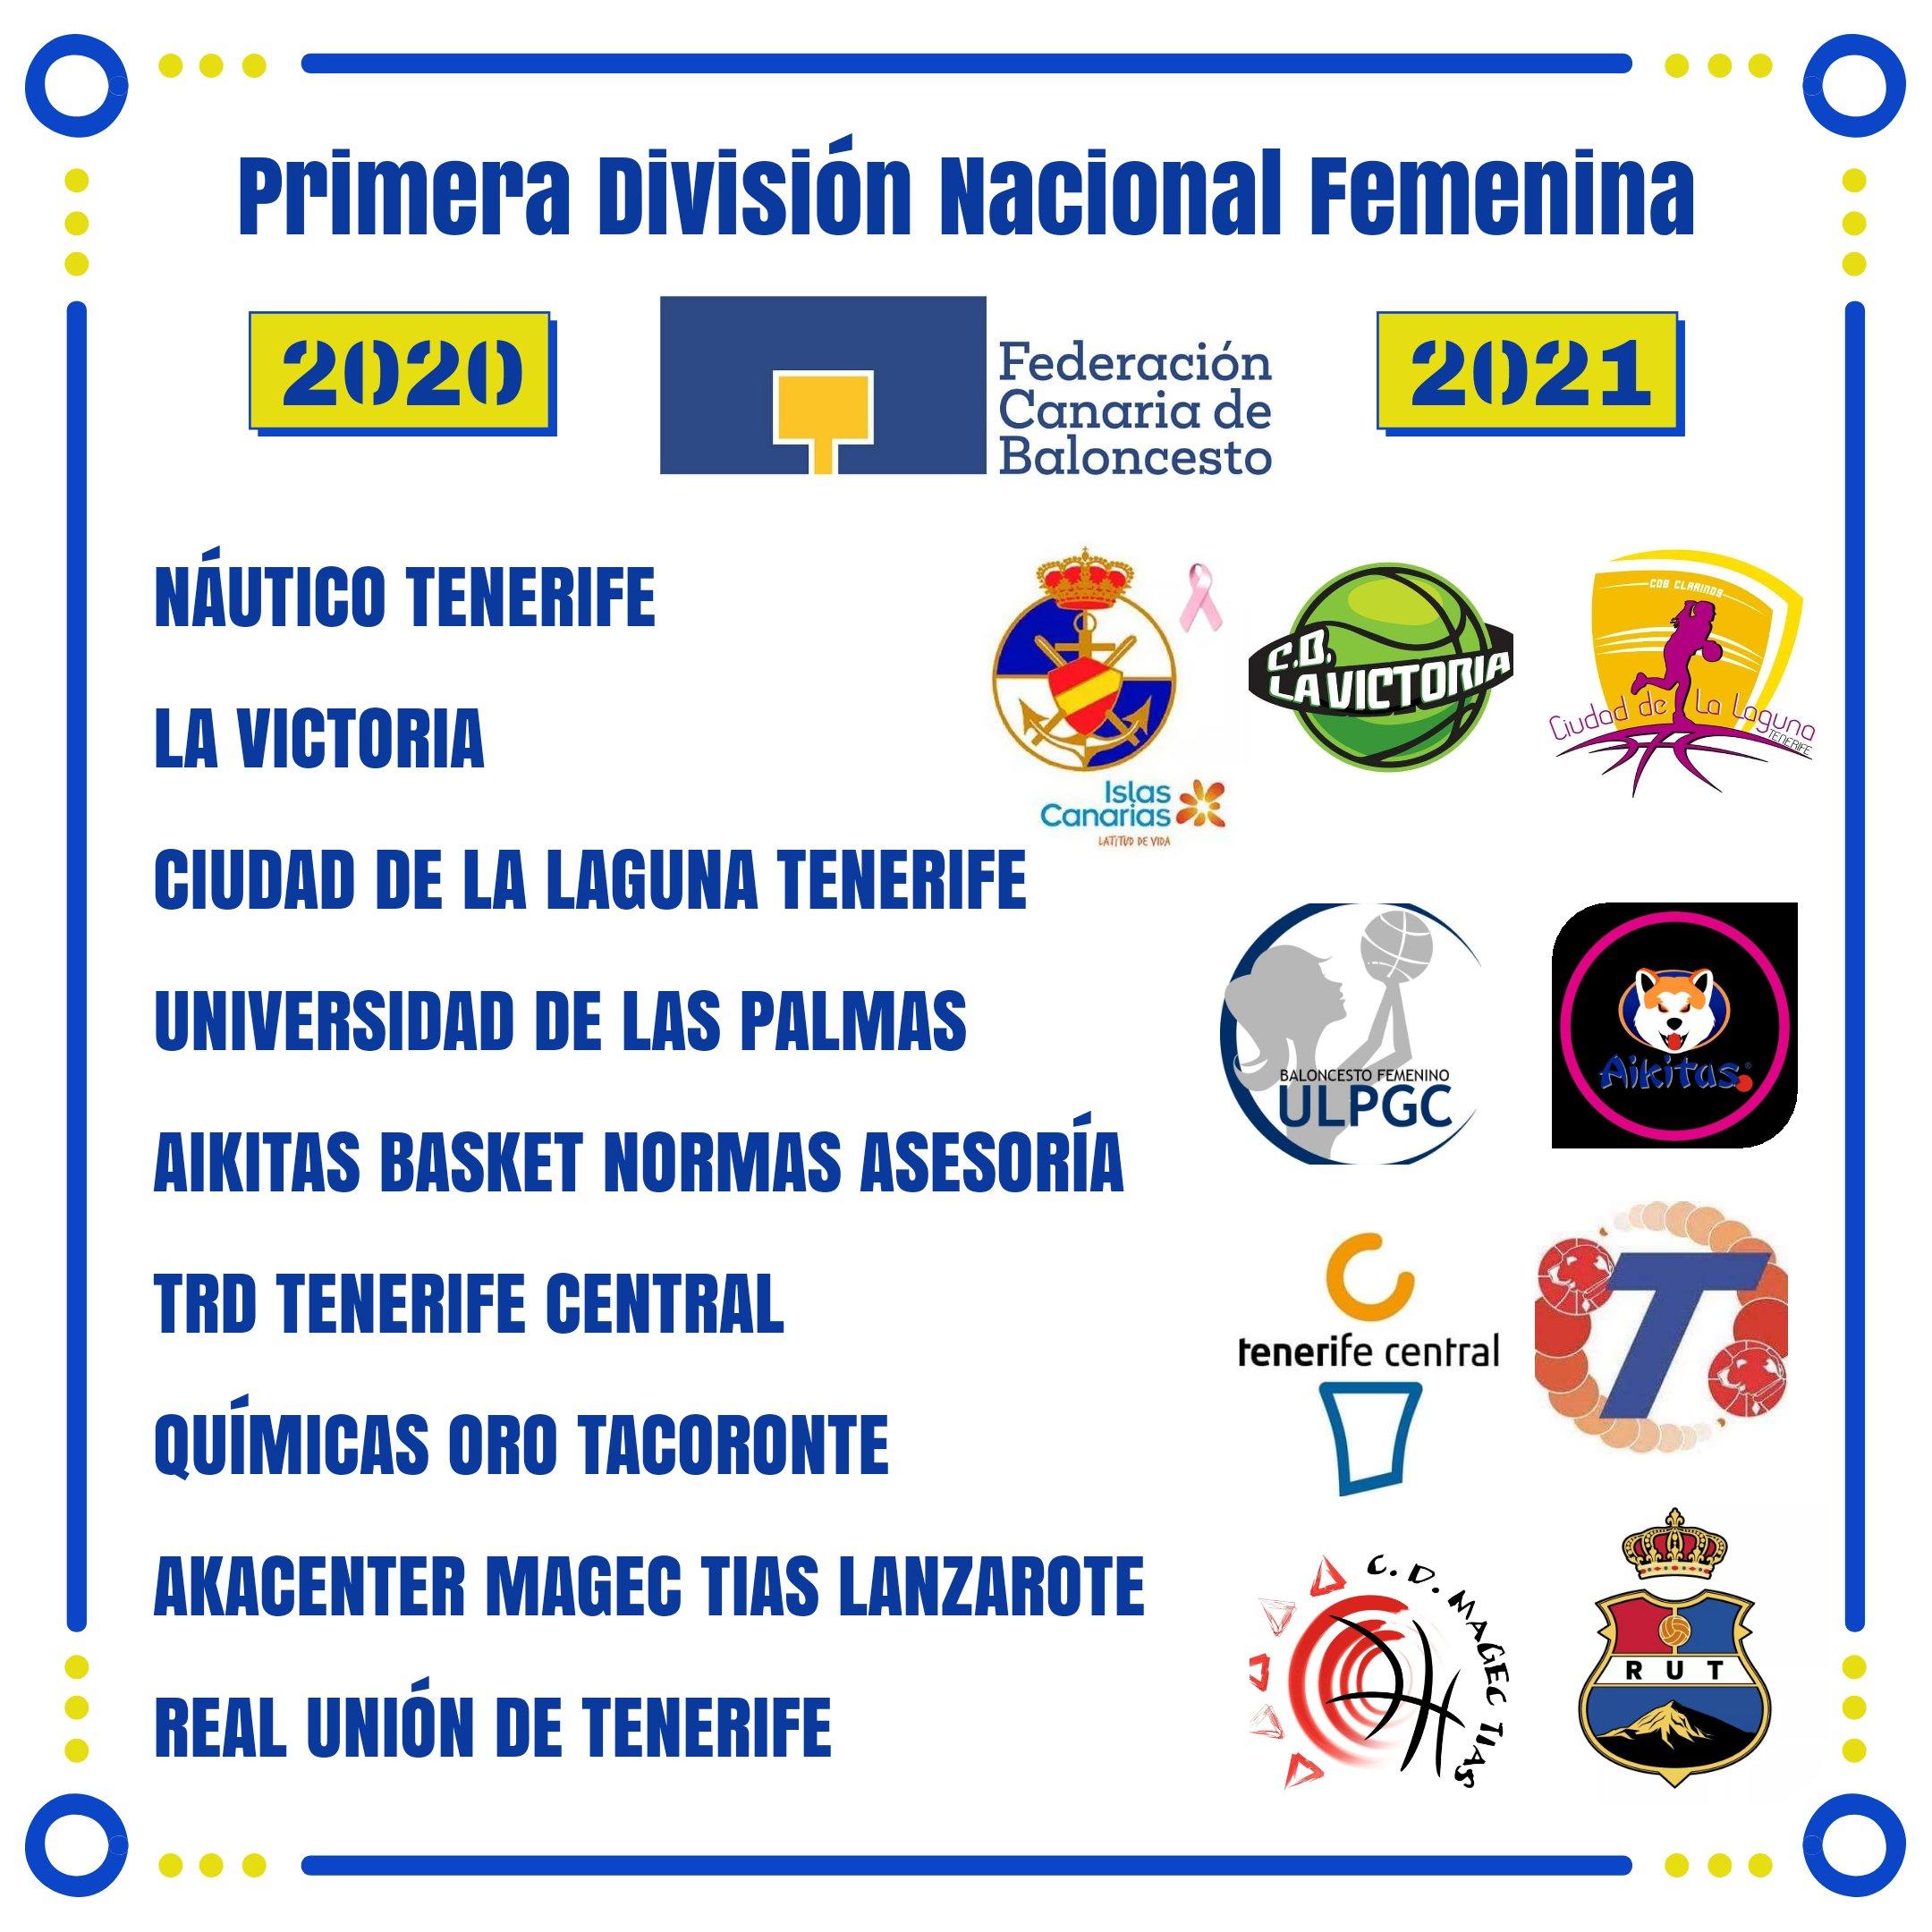 La Primera Autonómica Femenina, con nueve equipos, comenzará el 31 de octubre